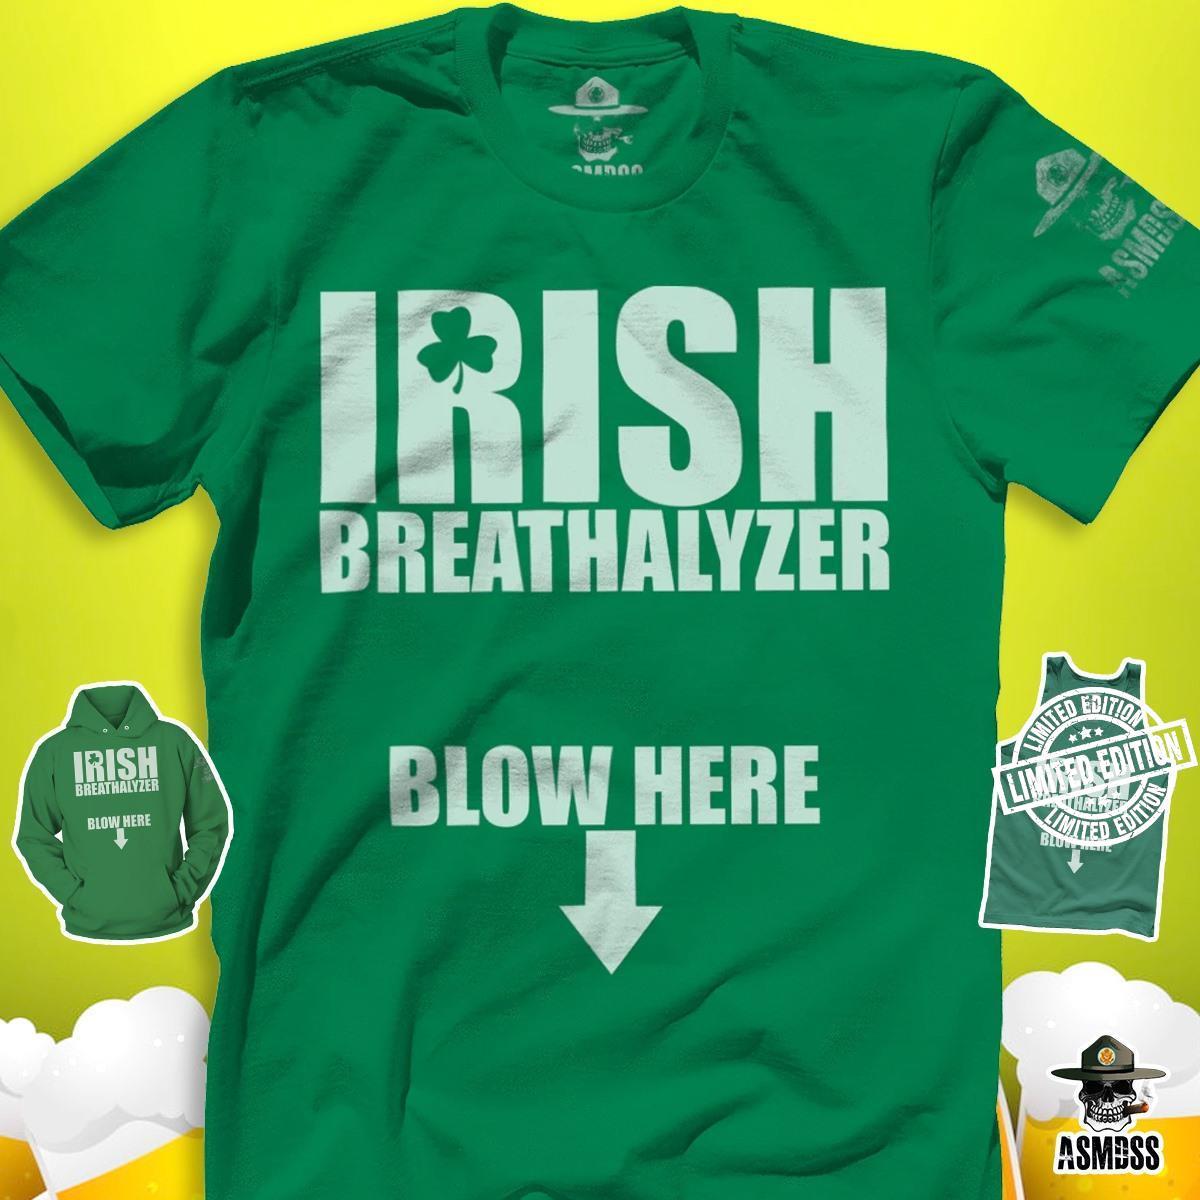 Irish breathalyzer blow here shirt